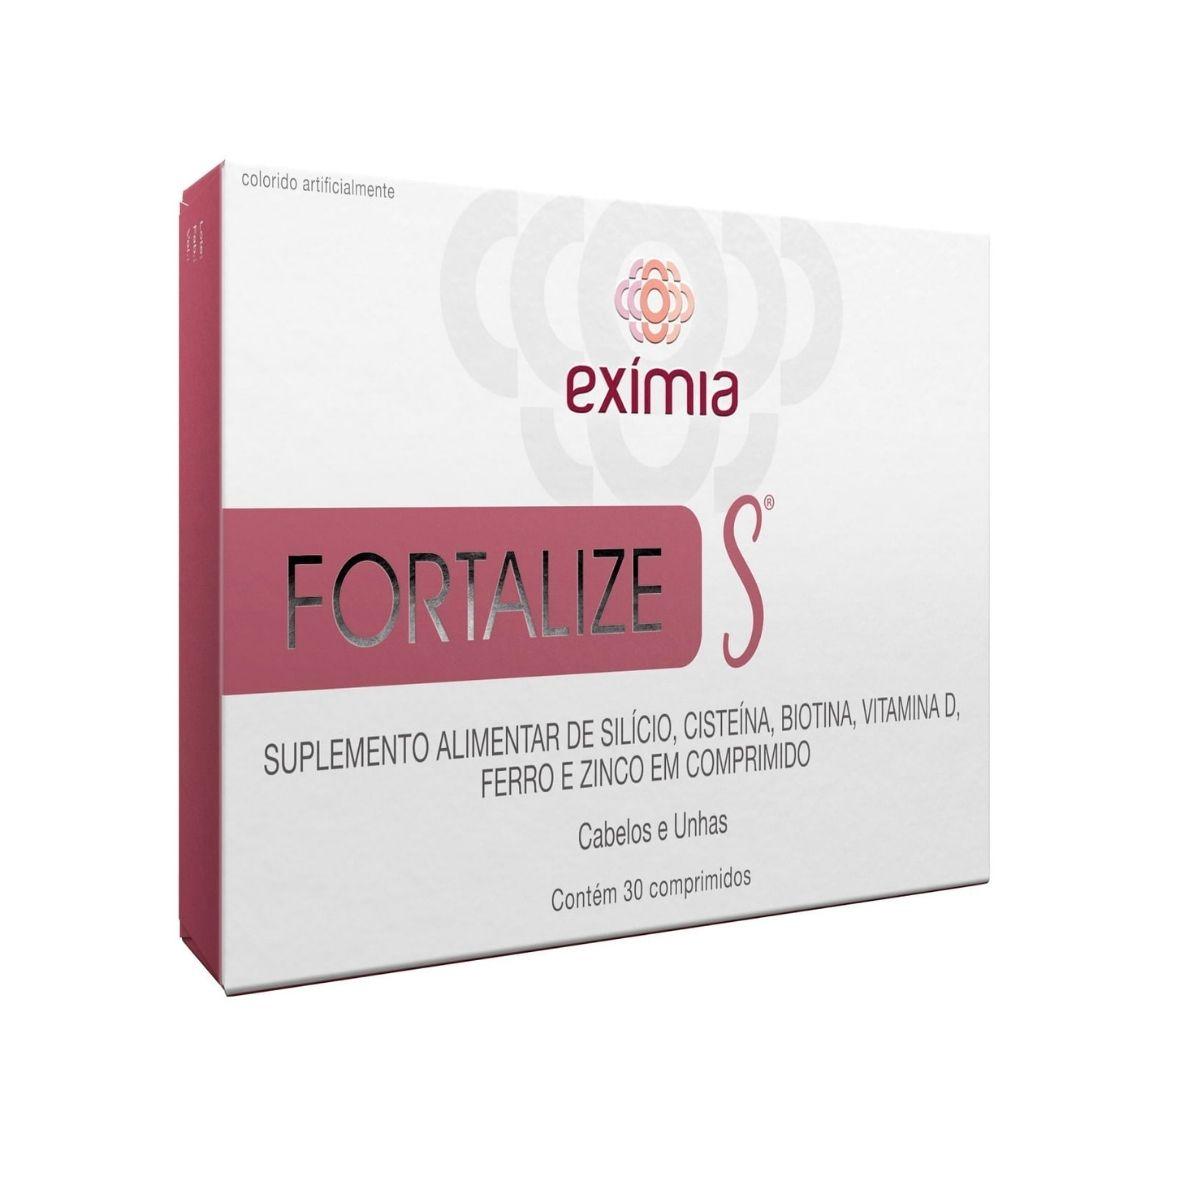 Eximia Fortalize S com 30 comprimidos